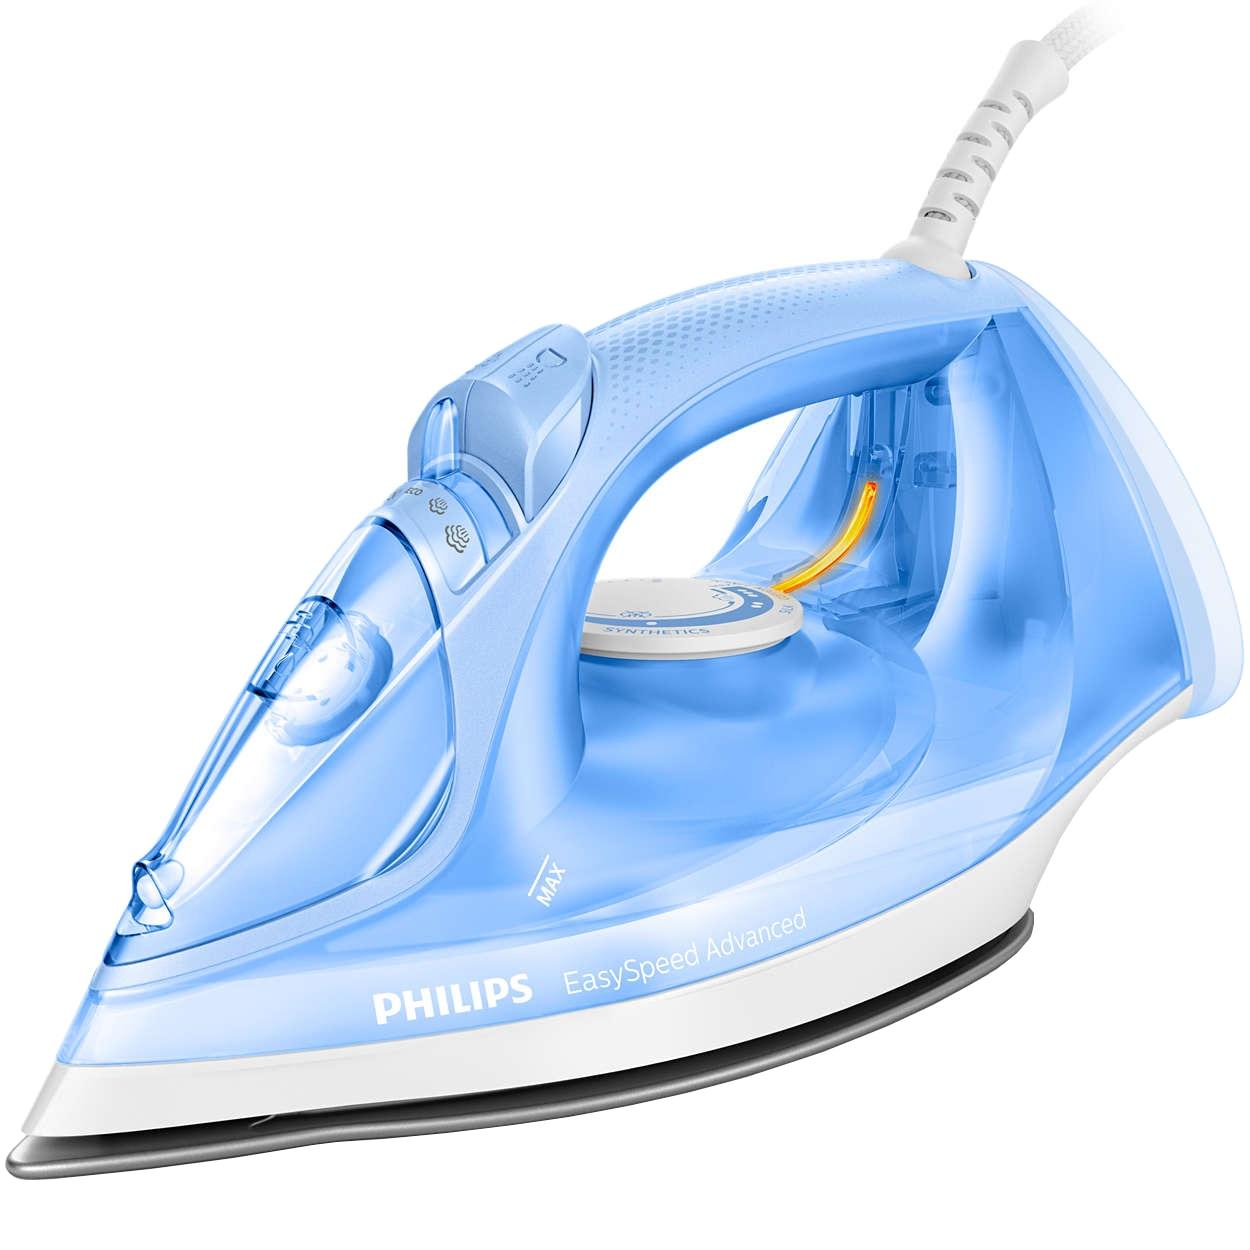 Fotografie Fier de calcat Philips EasySpeed Advanced GC2676/20, 2400W, 300 ml, 40 g/min, Jet de abur de 180 g, Sistem antipicurare, Talpa Ceramica, Albastru